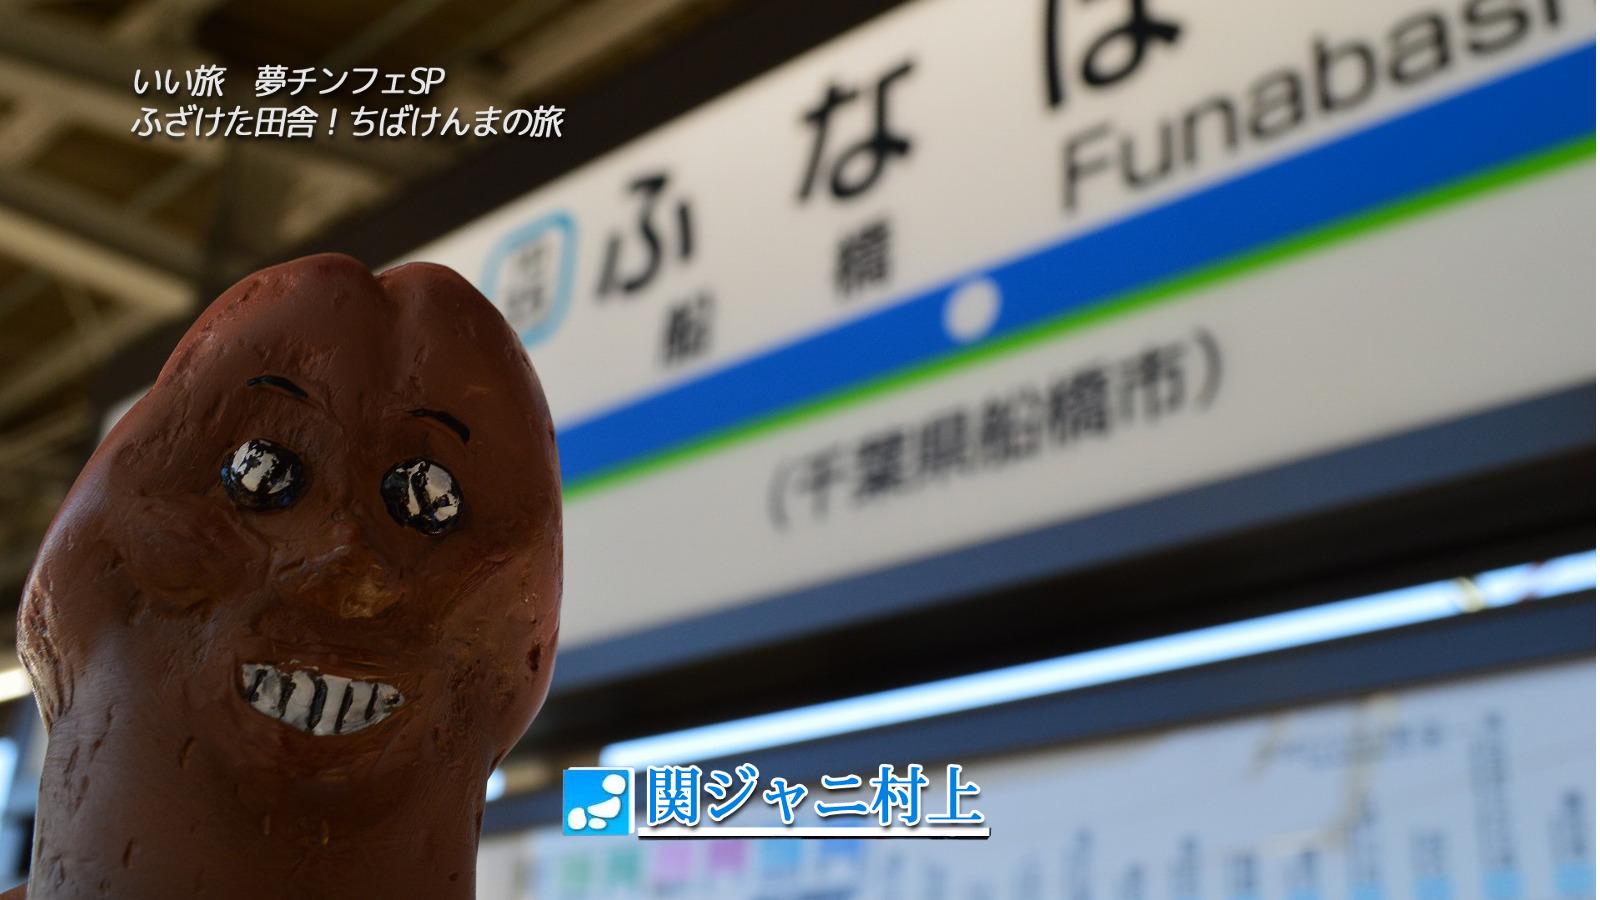 【悲報】なんJ民、長谷川亮太くん家の植木鉢に謎のオブジェをプレゼント (高画質写真つき)